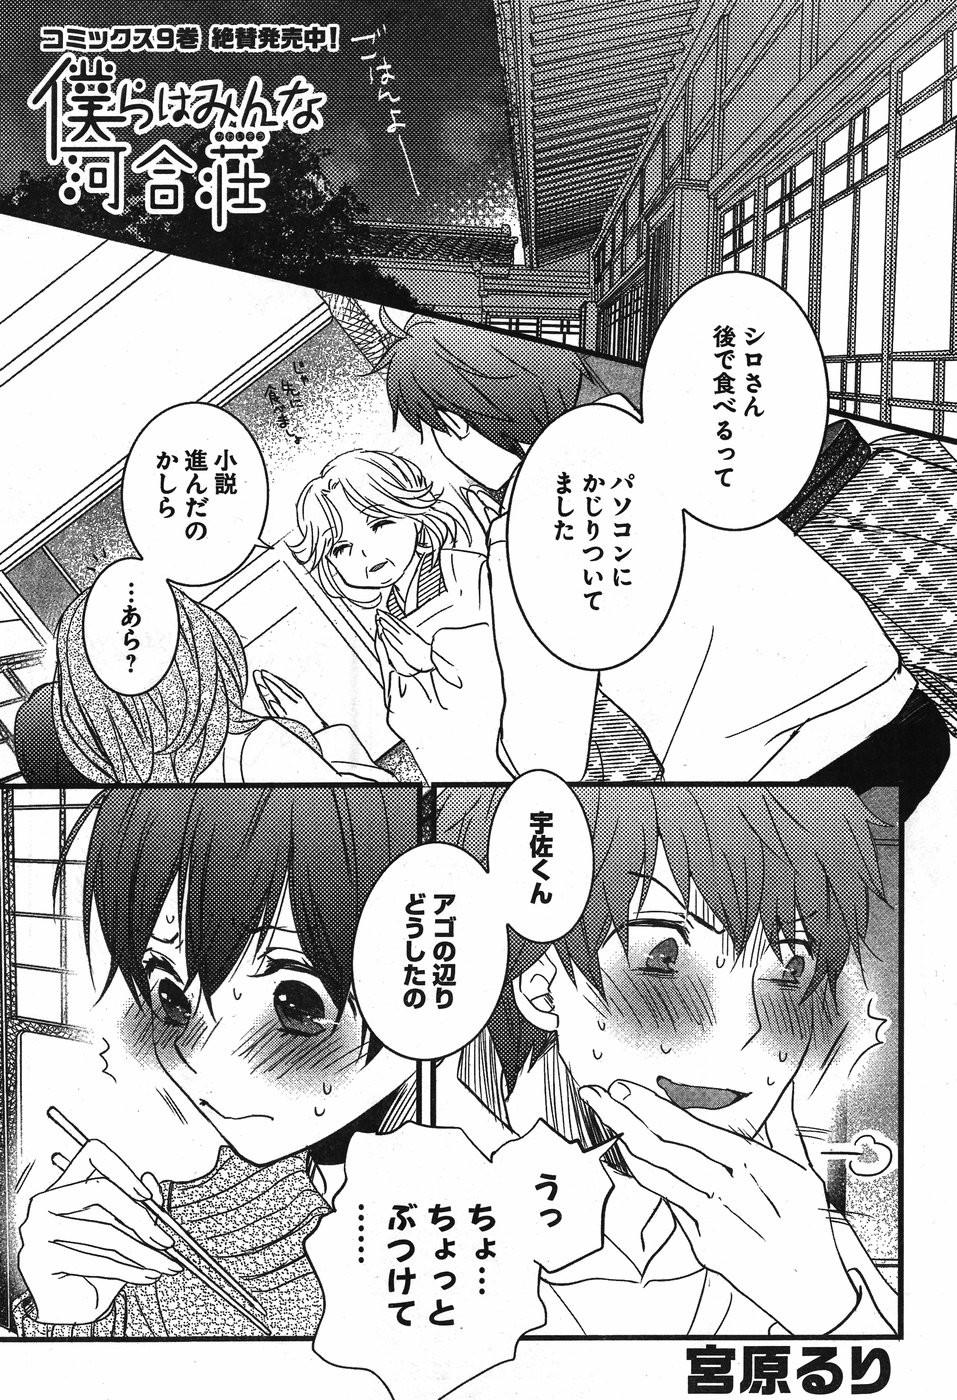 Bokura-wa-Minna-Kawaisou Chapter 87 Page 1